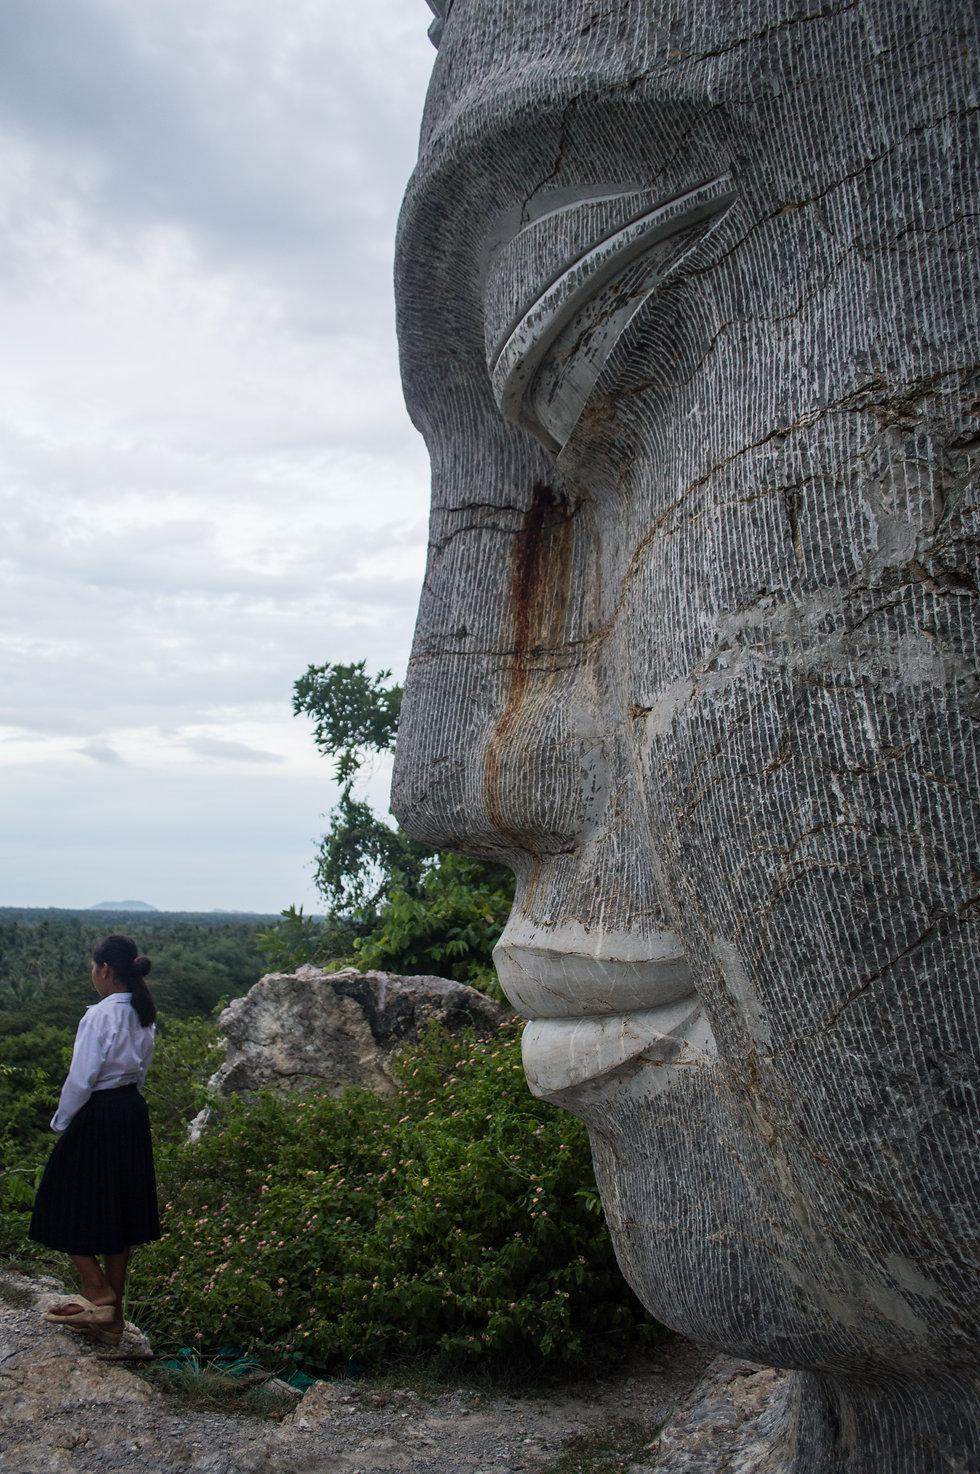 Buddha sculpture in stone, Battambang, Cambodia